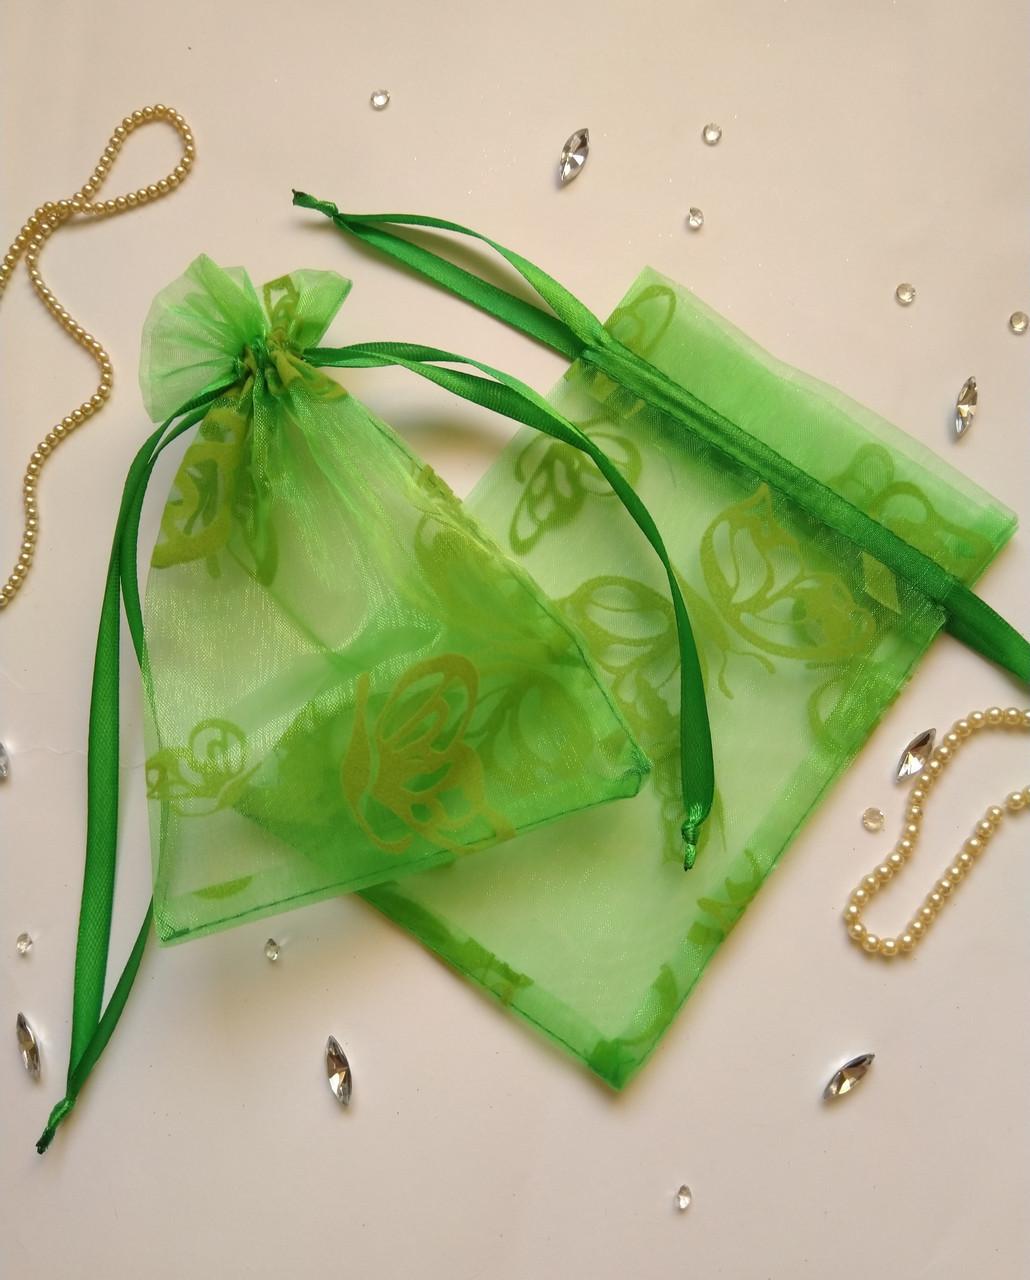 Подарочный мешочек из органзы  13 х 17 см (мешочек для упаковки, тканевая упаковка, мішечки)